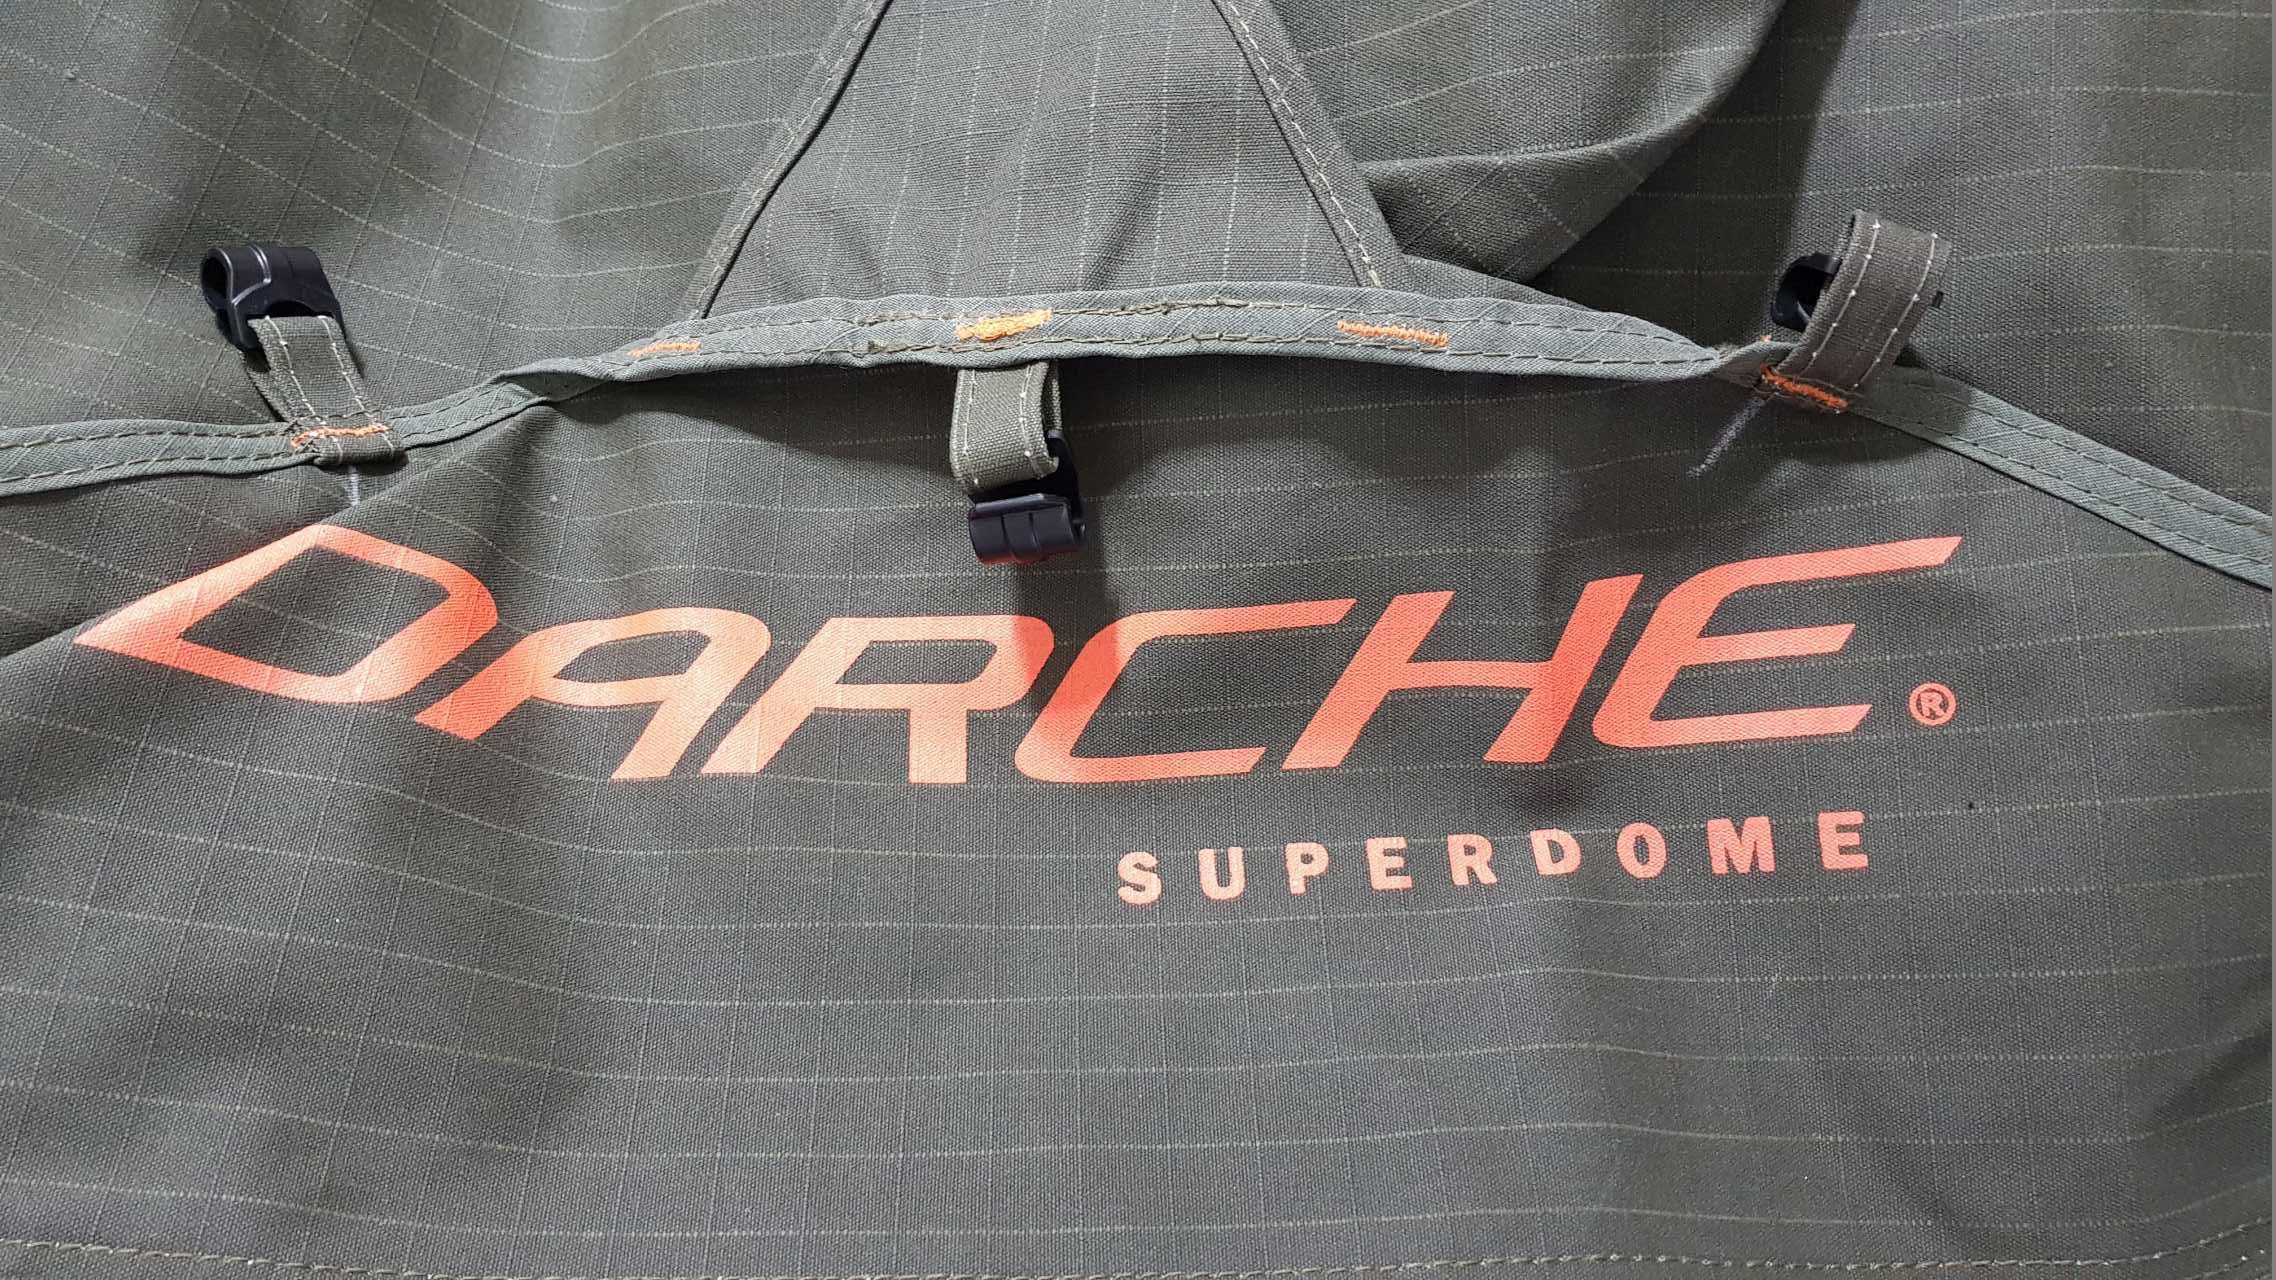 Darche Superdome